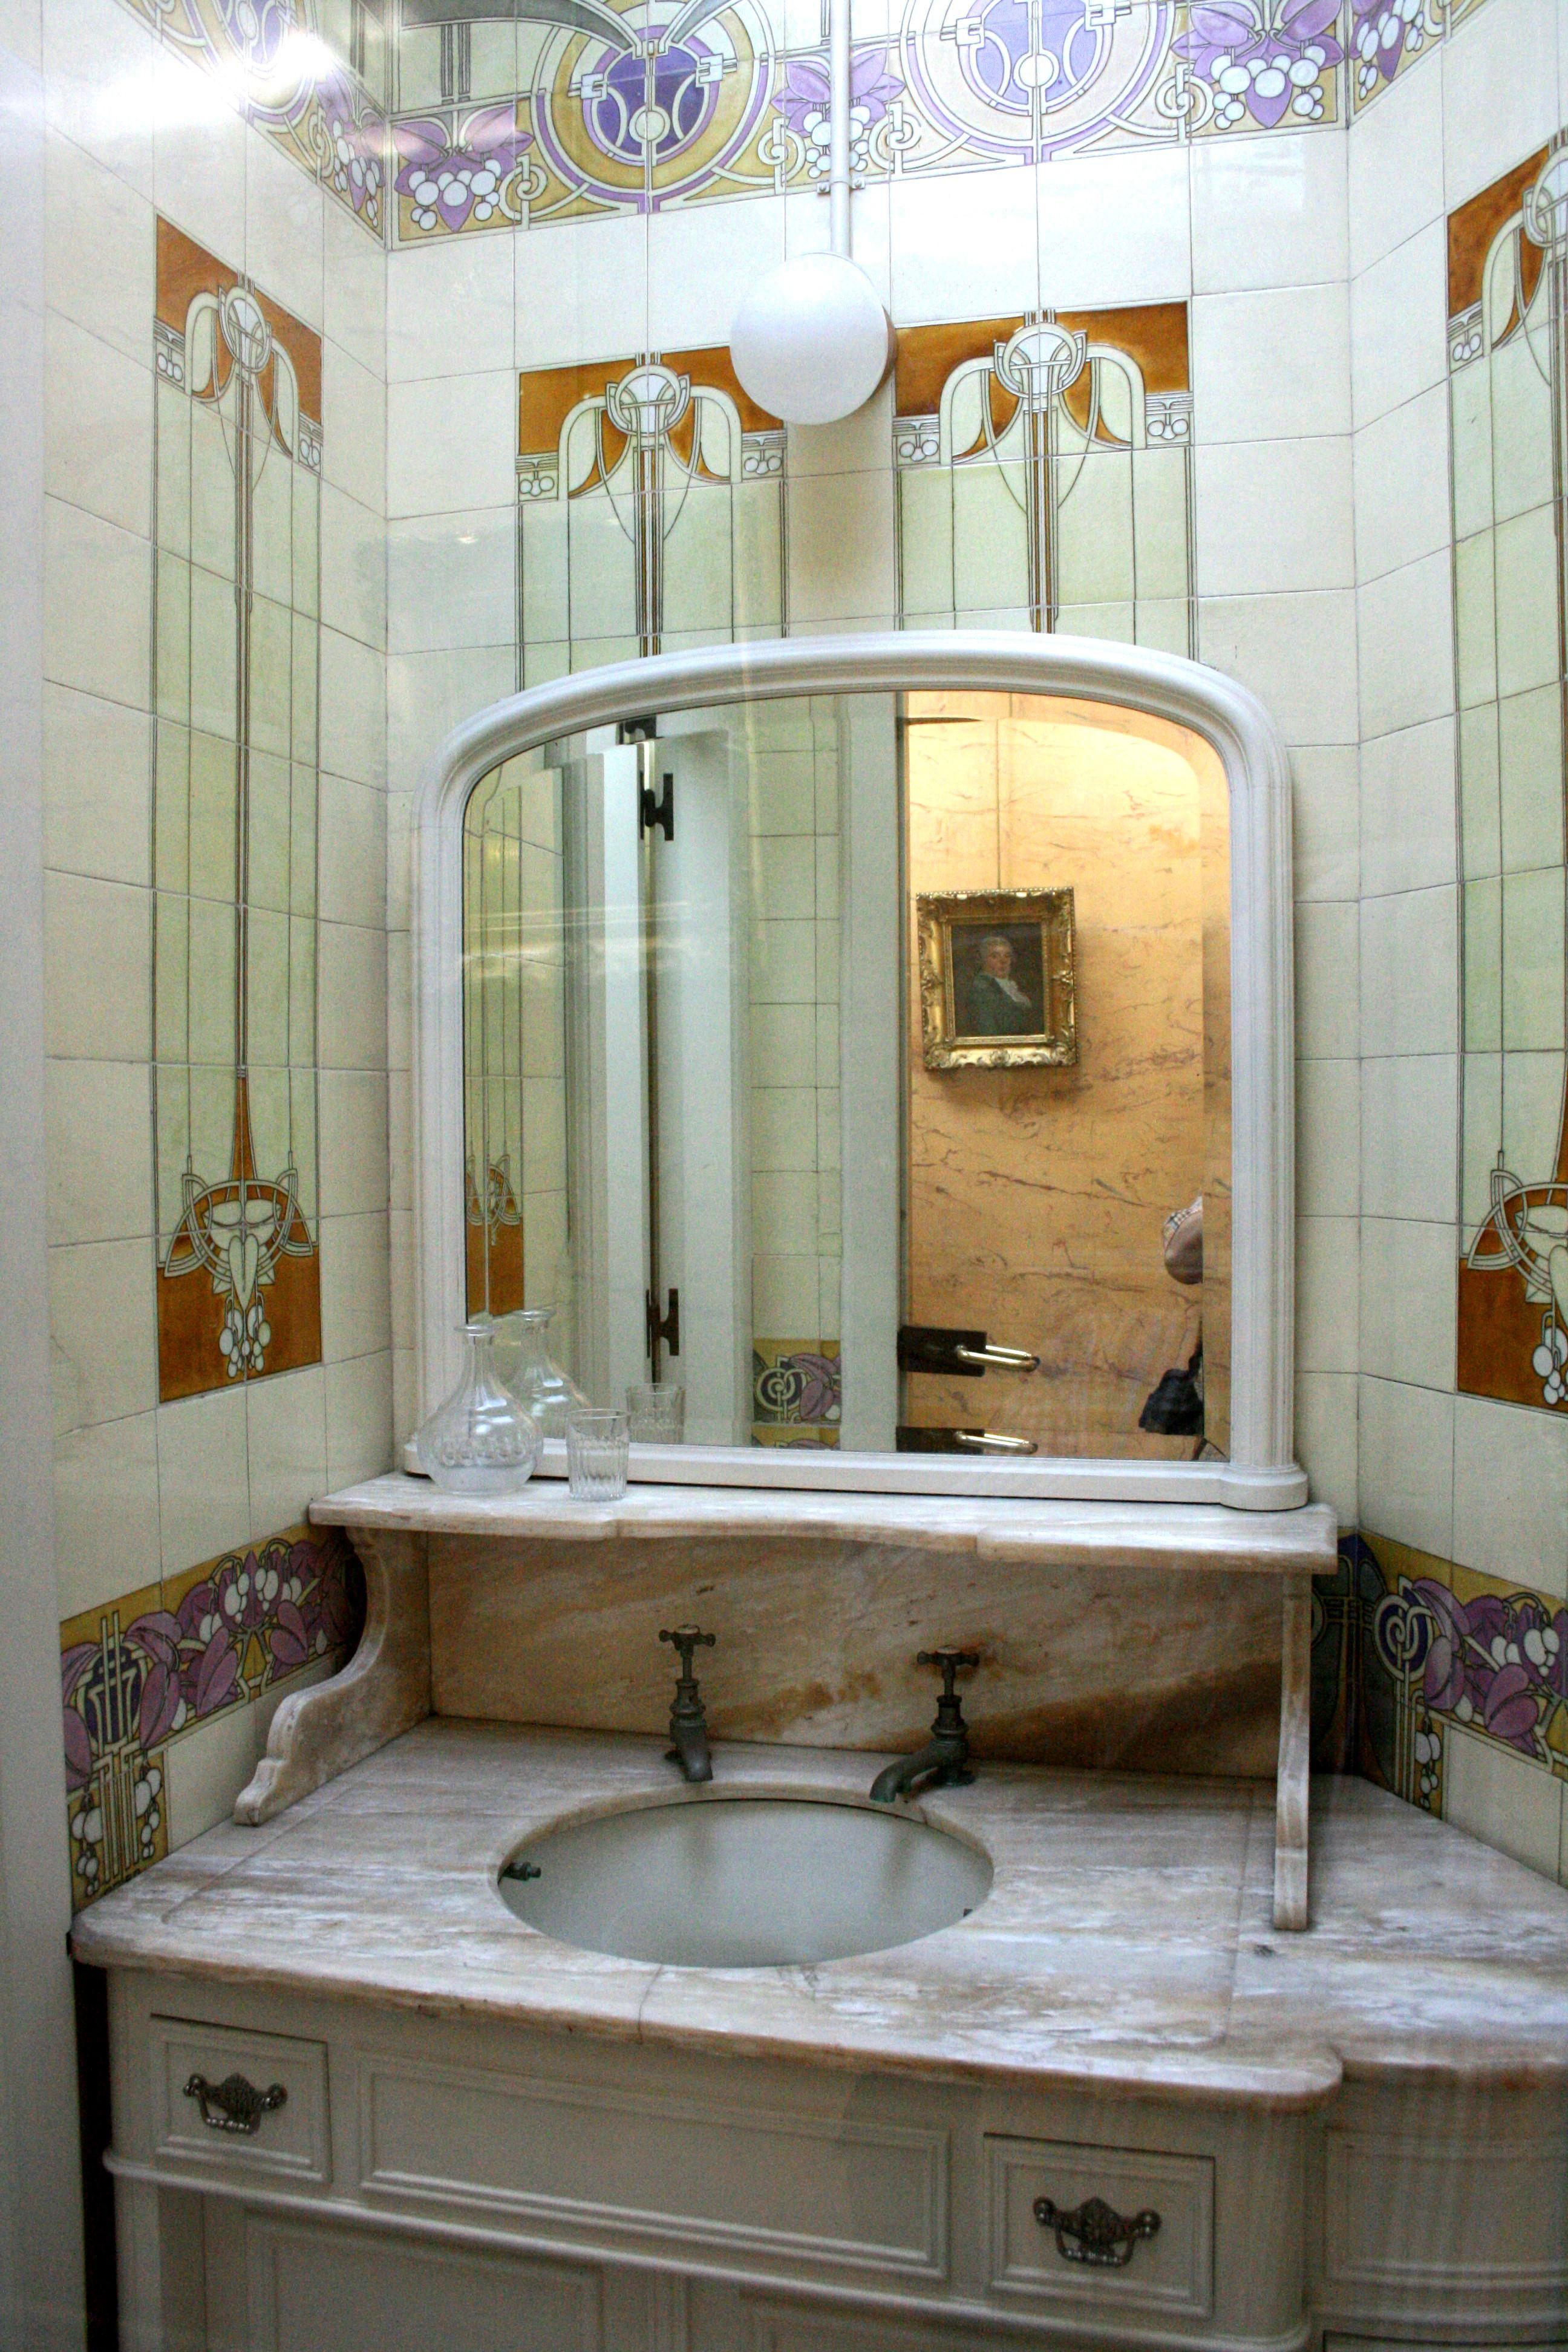 Salle De Bain Quelle Couleur Choisir ~ Salle De Bain Du Pavillon Chinois Avenue Van Praet Laeken